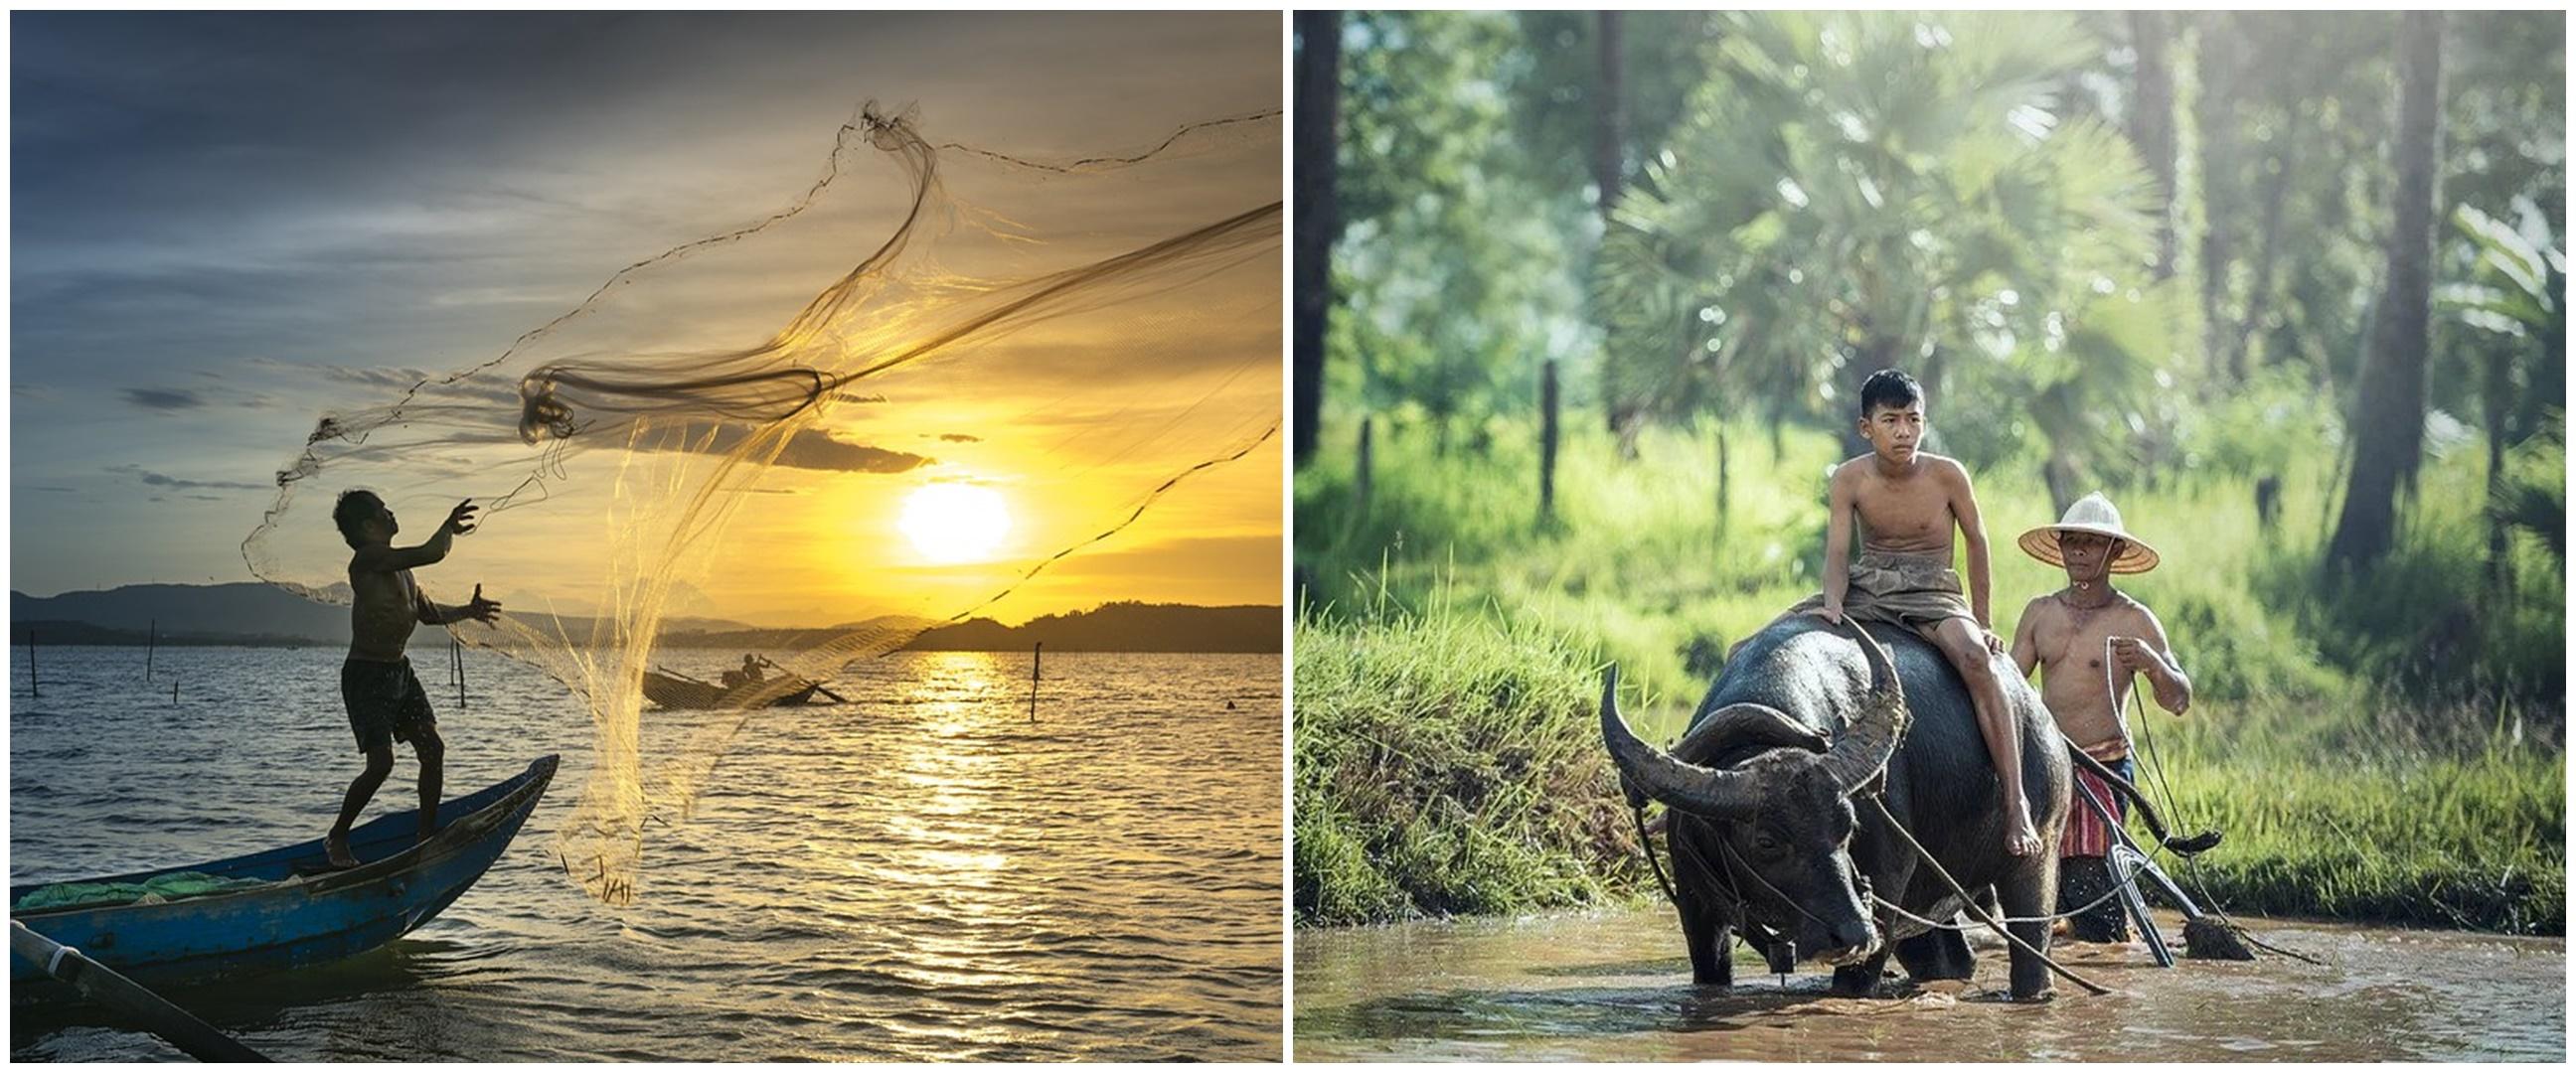 40 Kata-kata mutiara bahasa Sunda tentang kehidupan, penuh makna